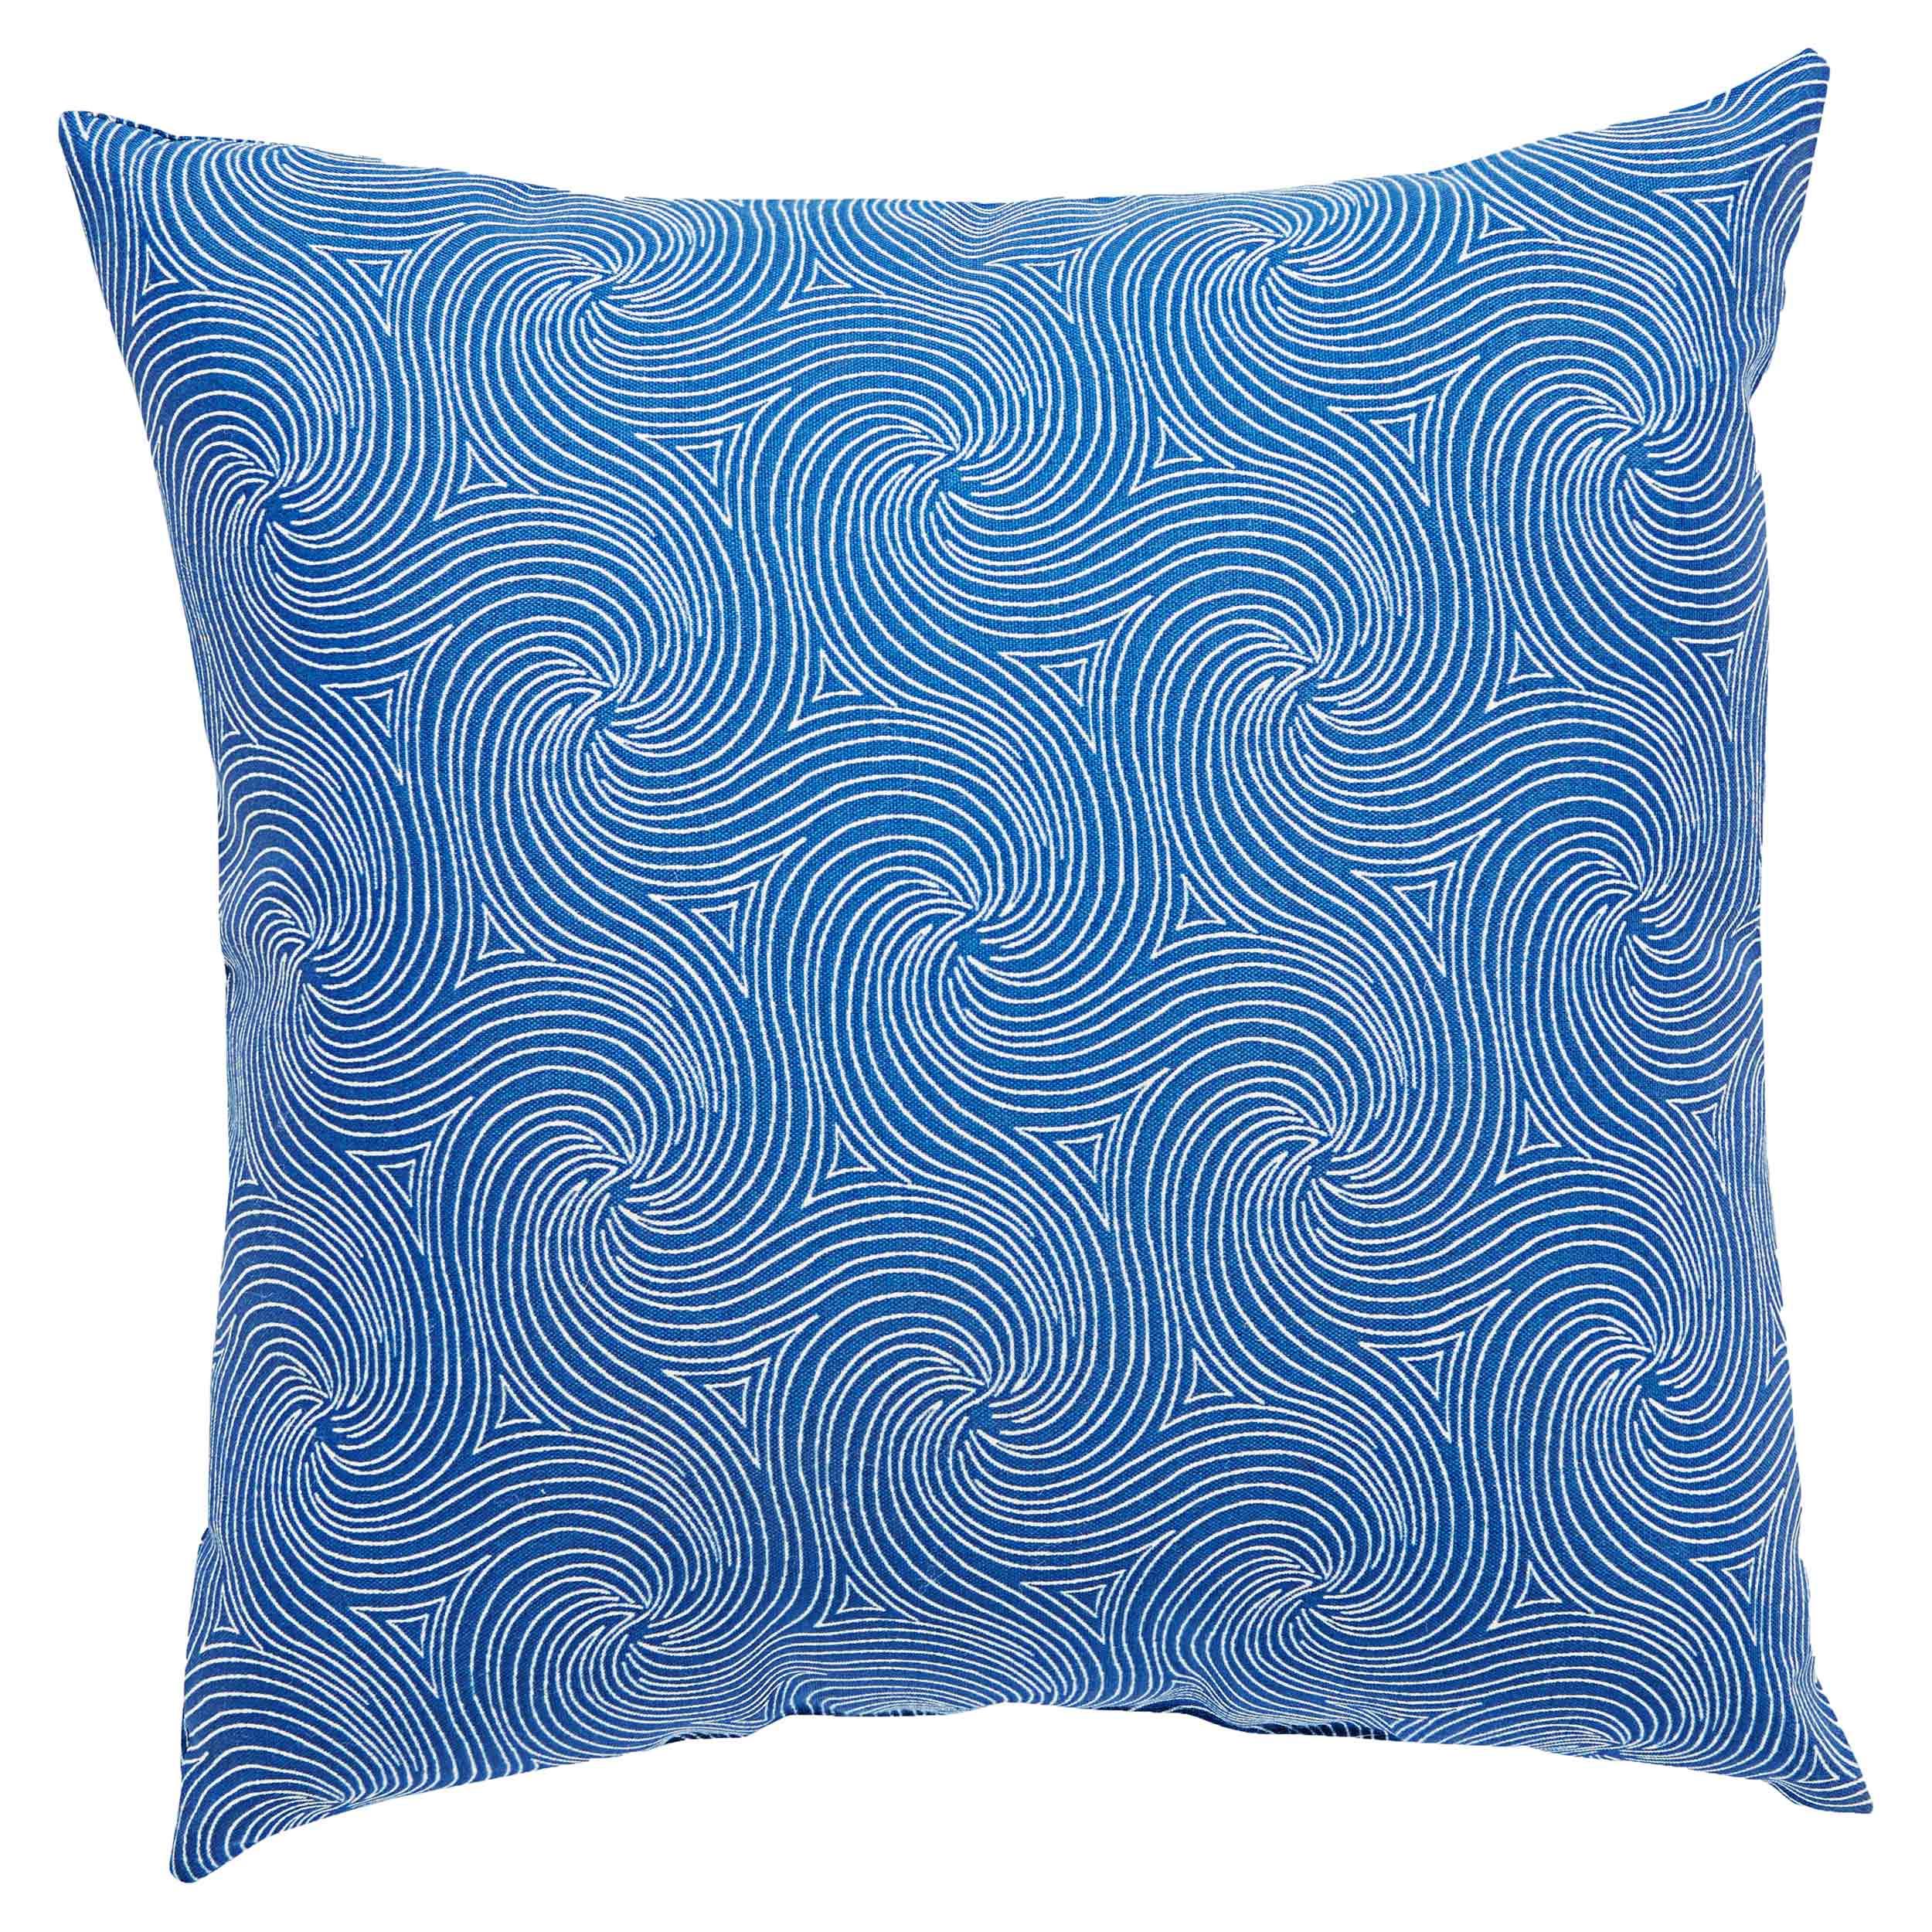 Waves Coastal Modern Blue Outdoor Pillow - 18x18